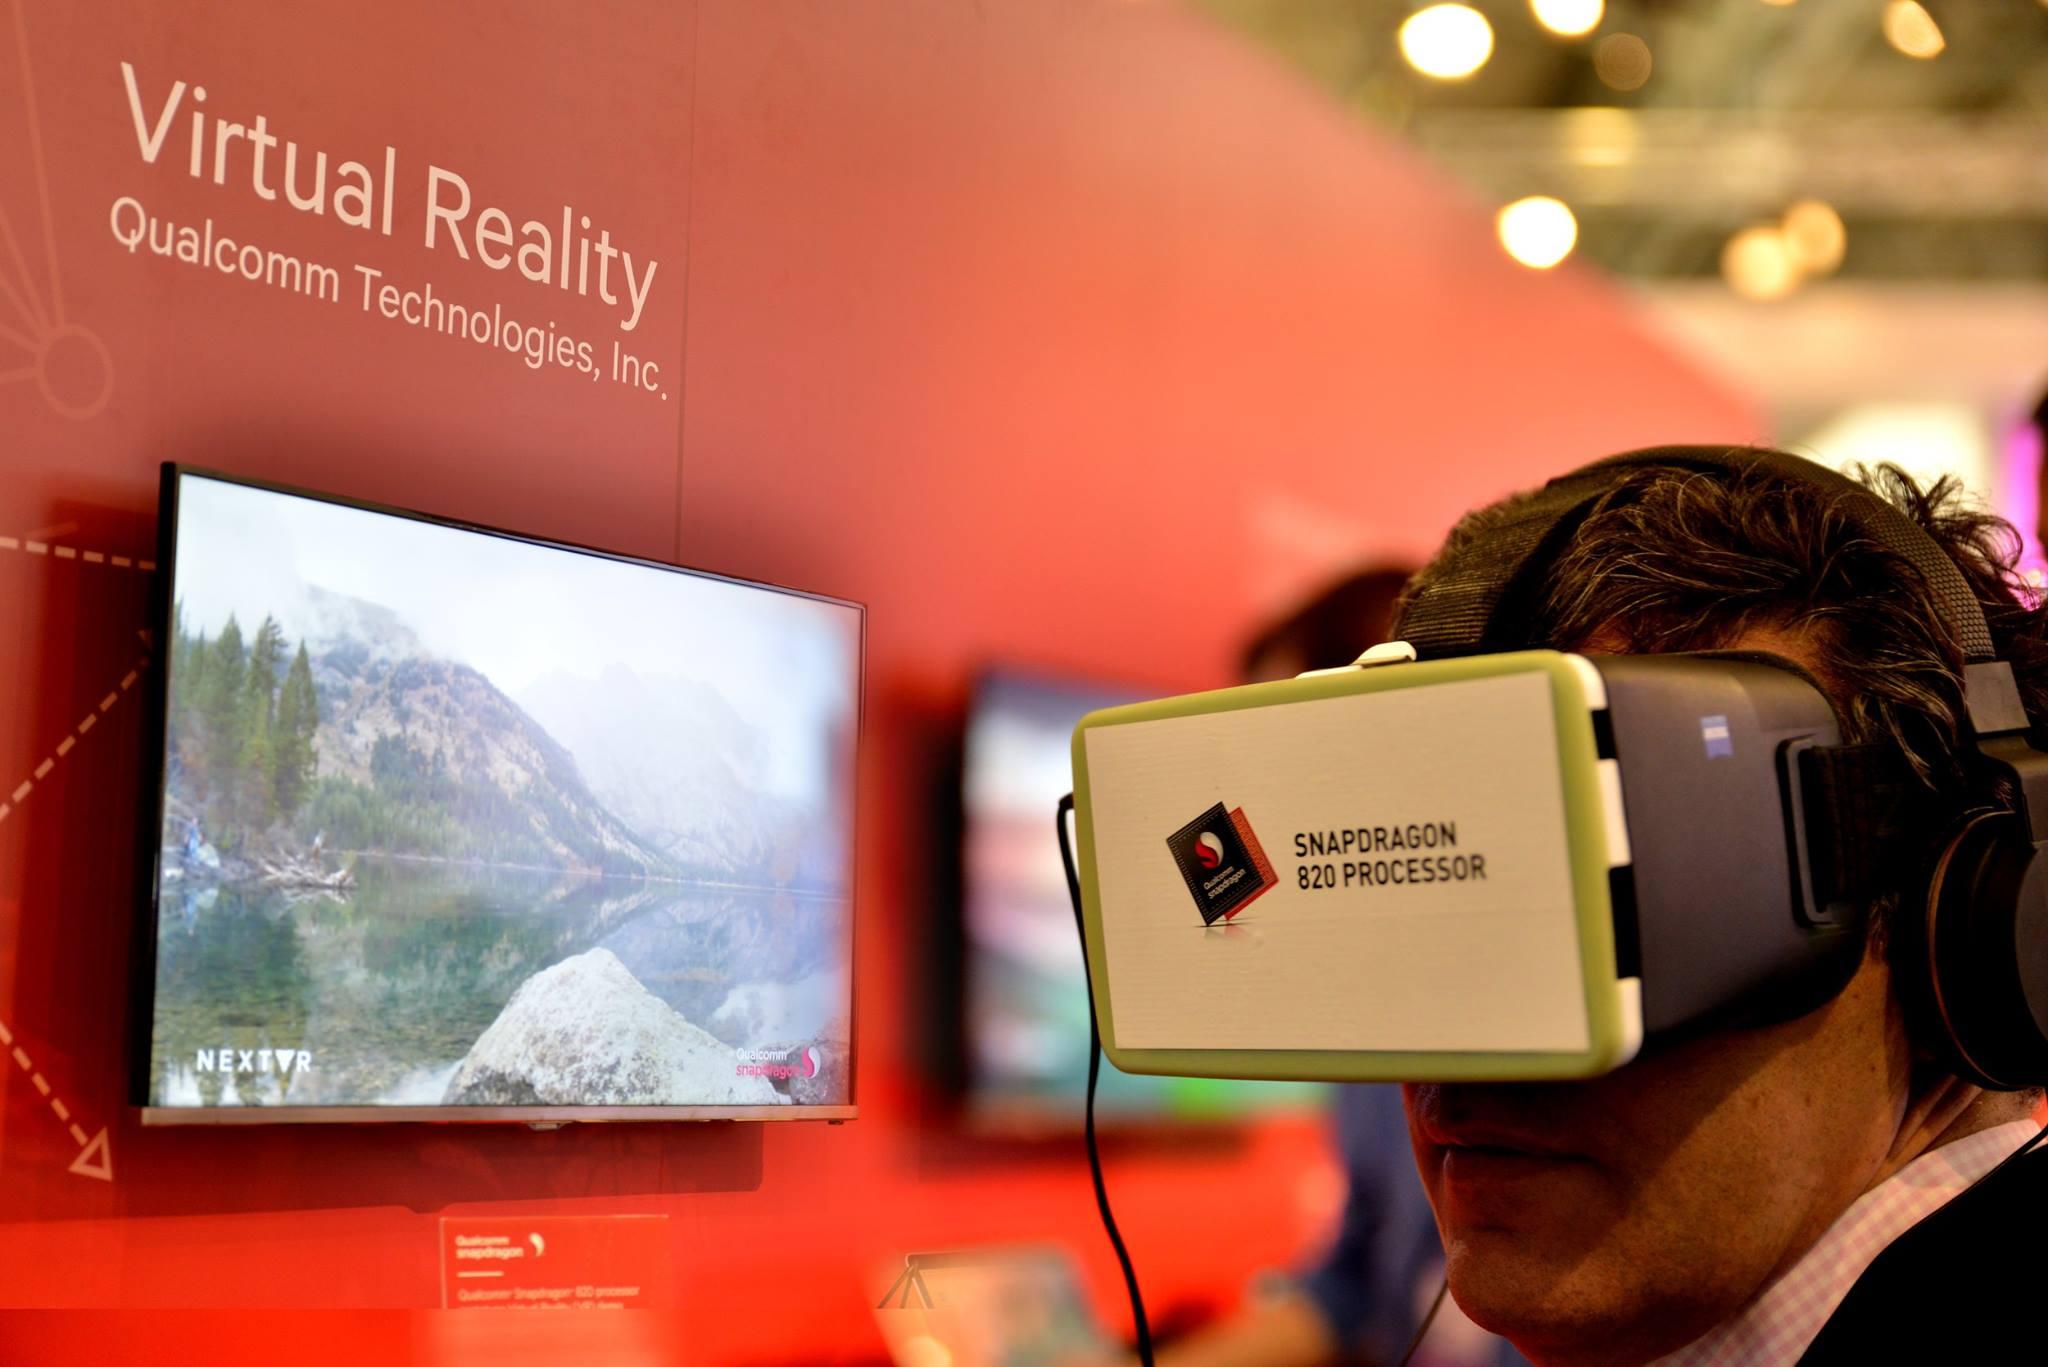 高通宣佈也推出 Snapdragon 虛擬實境軟體 VR 開發套件